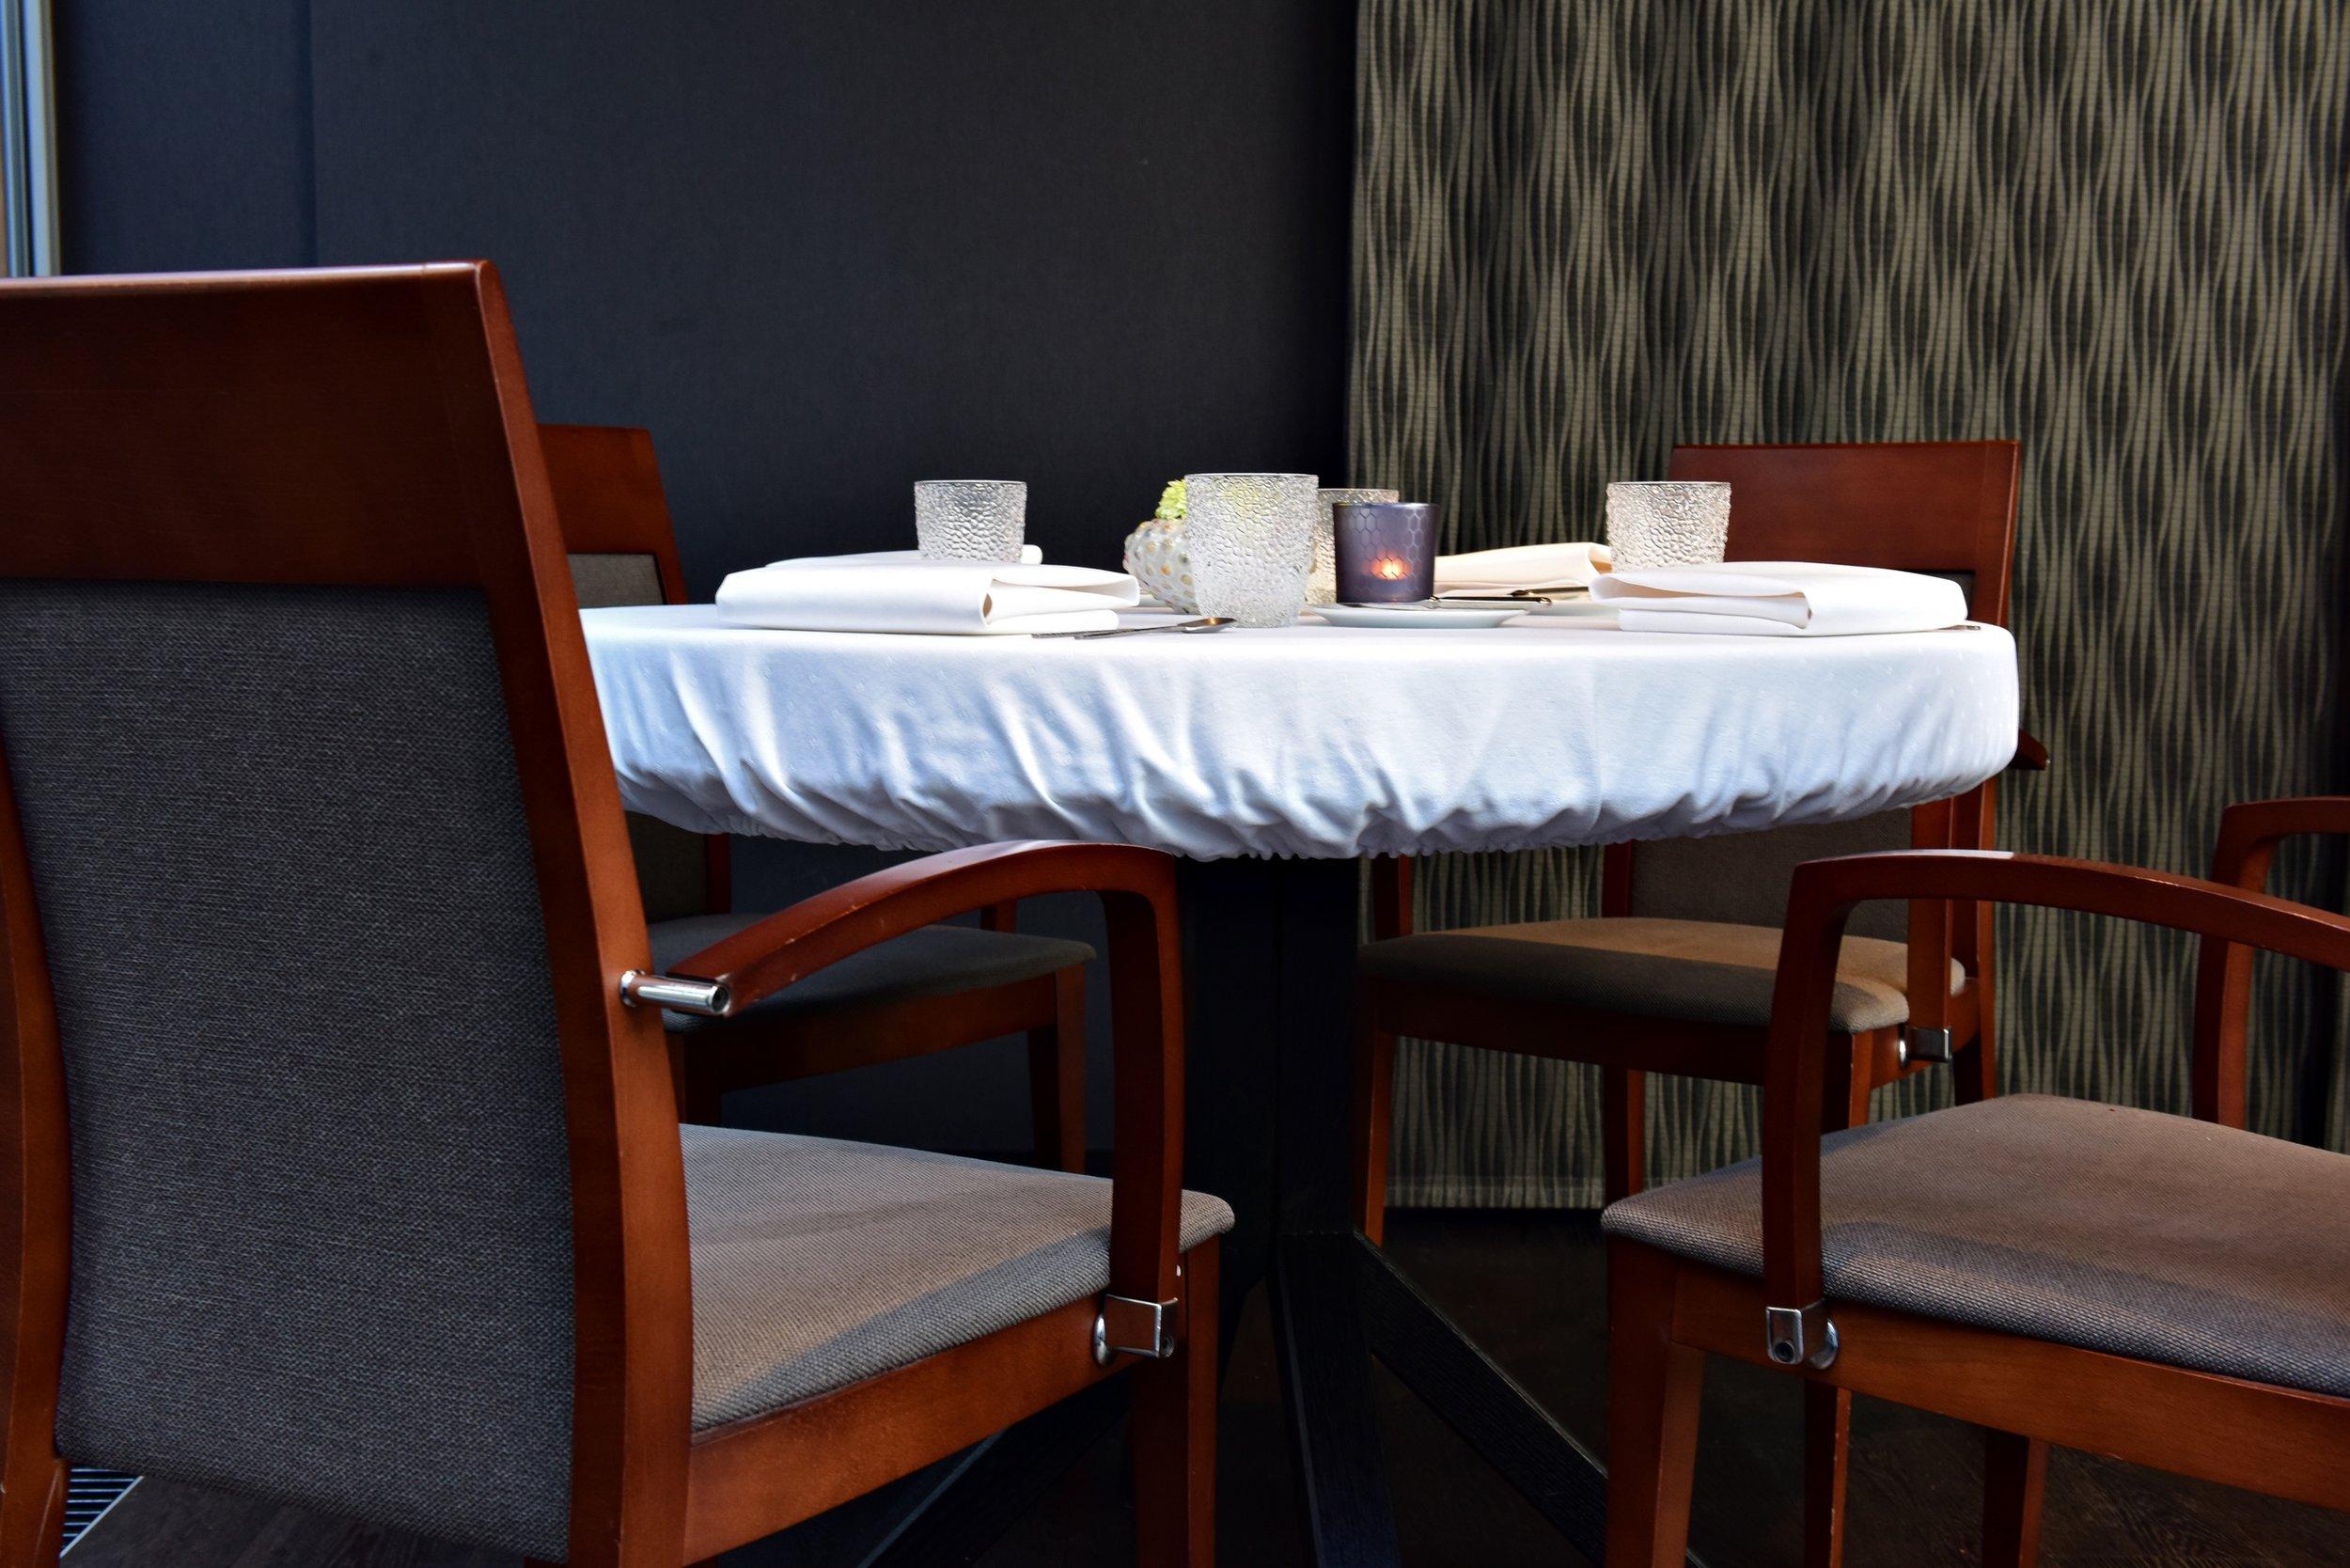 23 restaurant de mijlpaal tongeren bart albrecht culinair food fotograaf tablefever.jpg